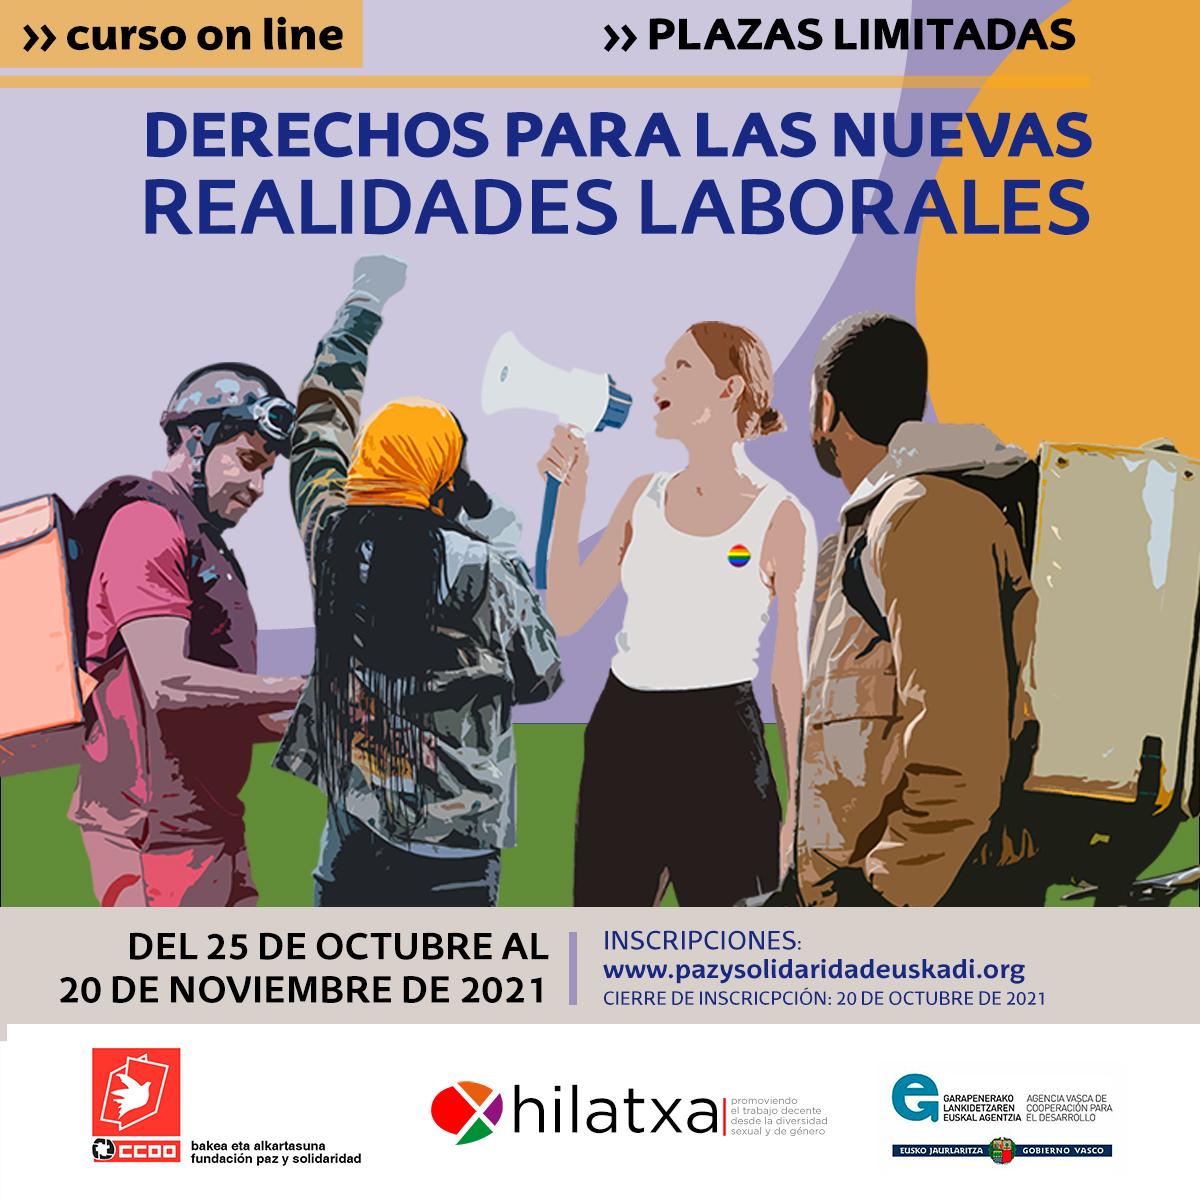 Curso online: Derechos para las nuevas realidades laborales